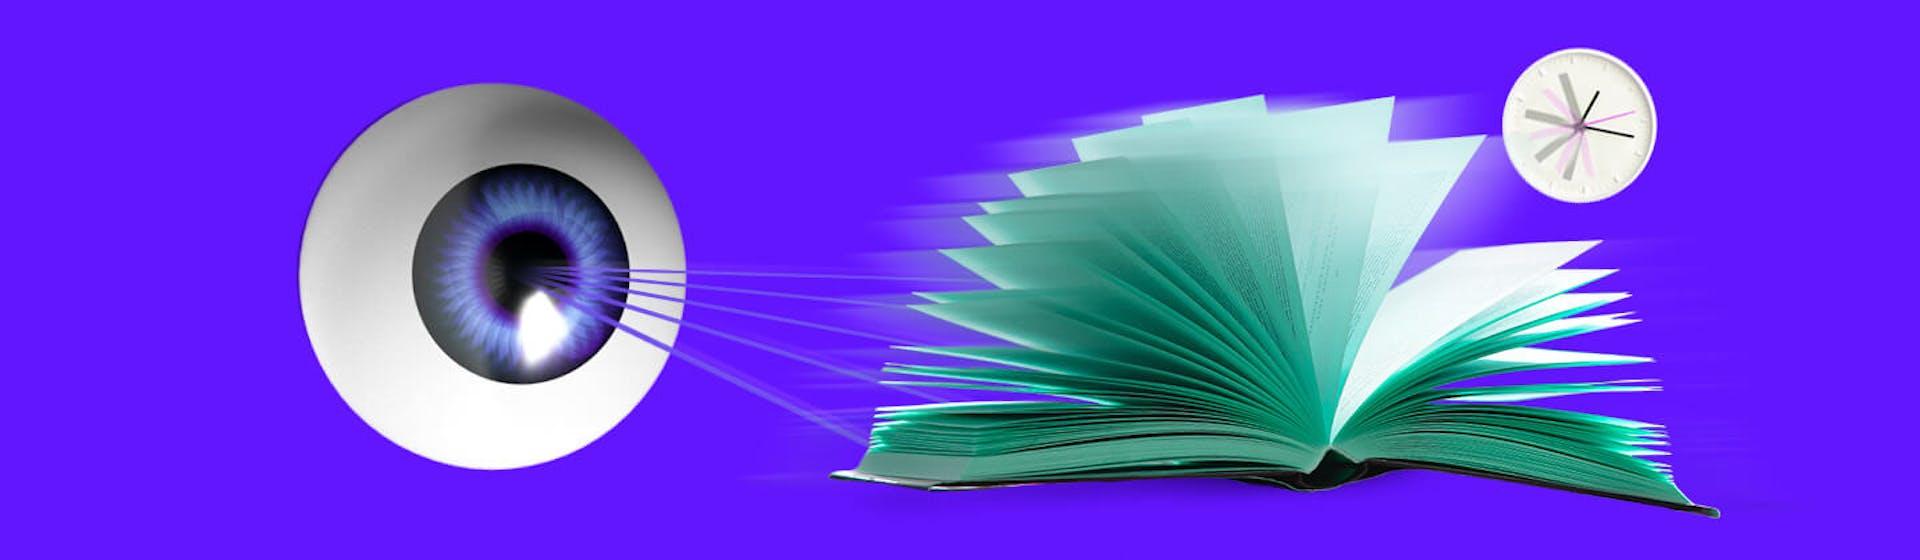 ¿Cómo leer más rápido? 3 técnicas de lectura que te convertirán en un devorador de libros